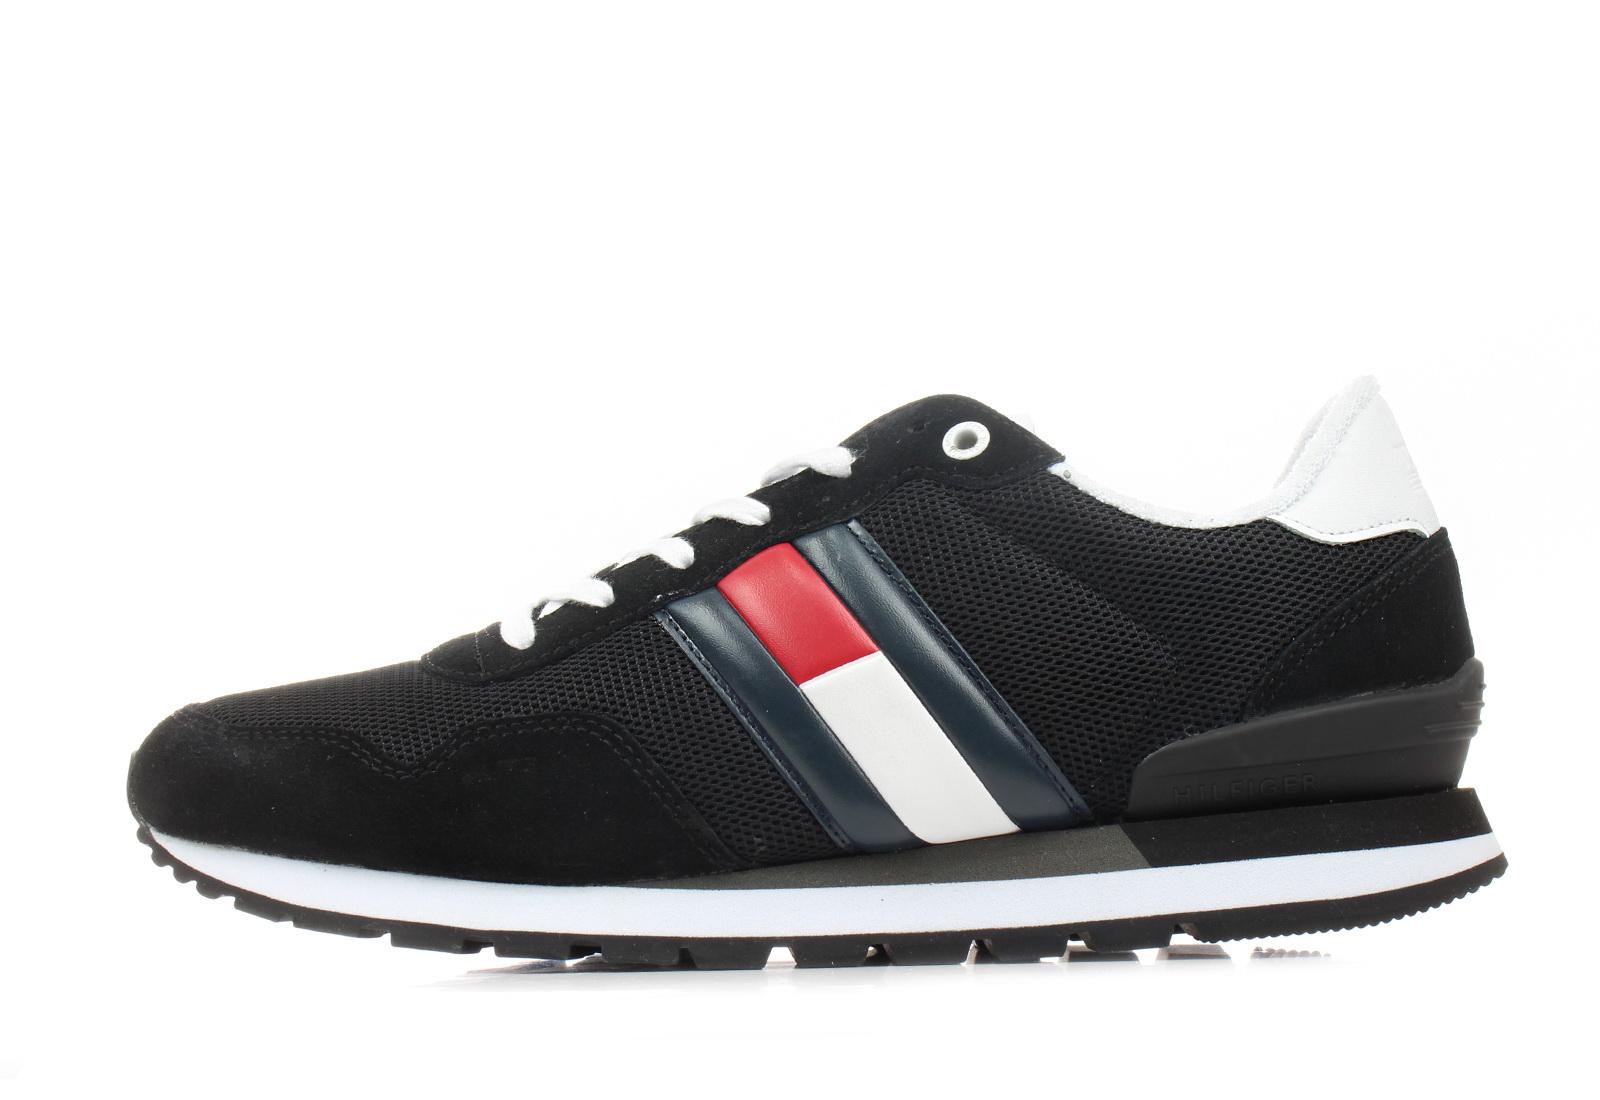 da851d3543 Tommy Hilfiger Cipő - Baron 1c - 19S-0261-990 - Office Shoes ...